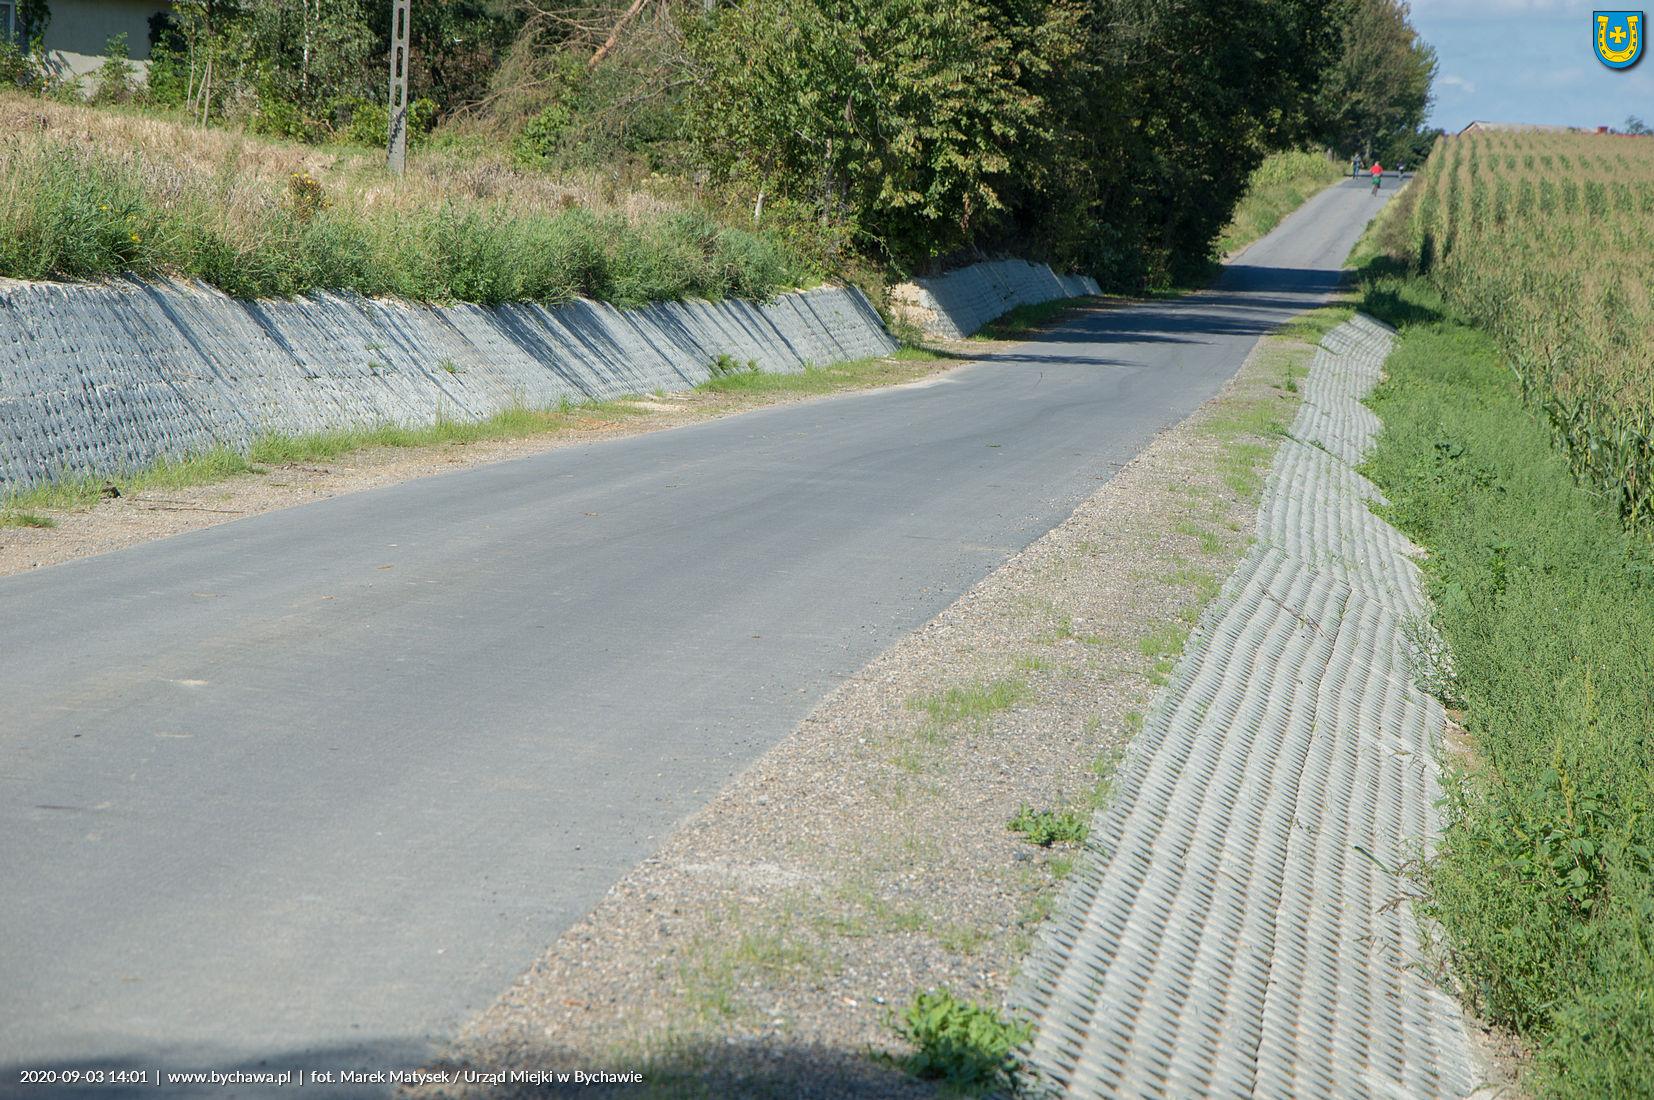 Zakończono przebudowę drogi gminnej w Olszowcu i Olszowcu-Kolonii